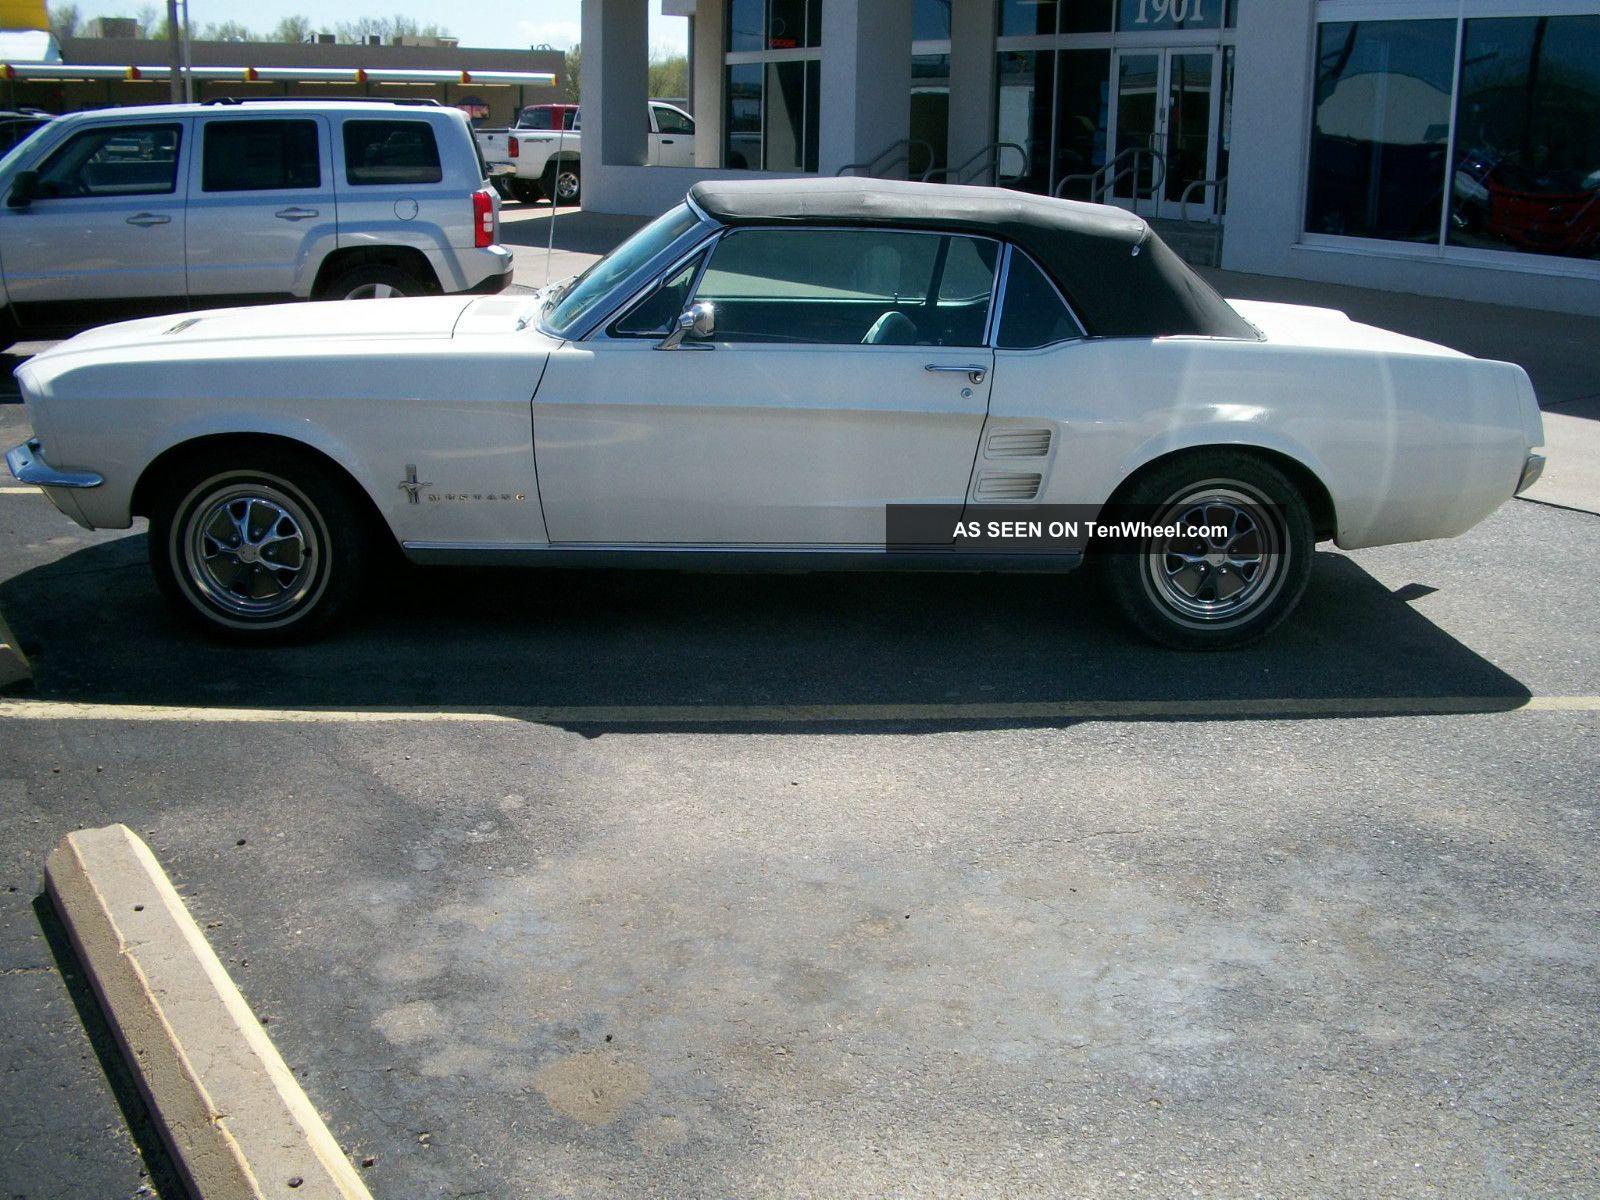 1967 Mustang Convertible Mustang photo